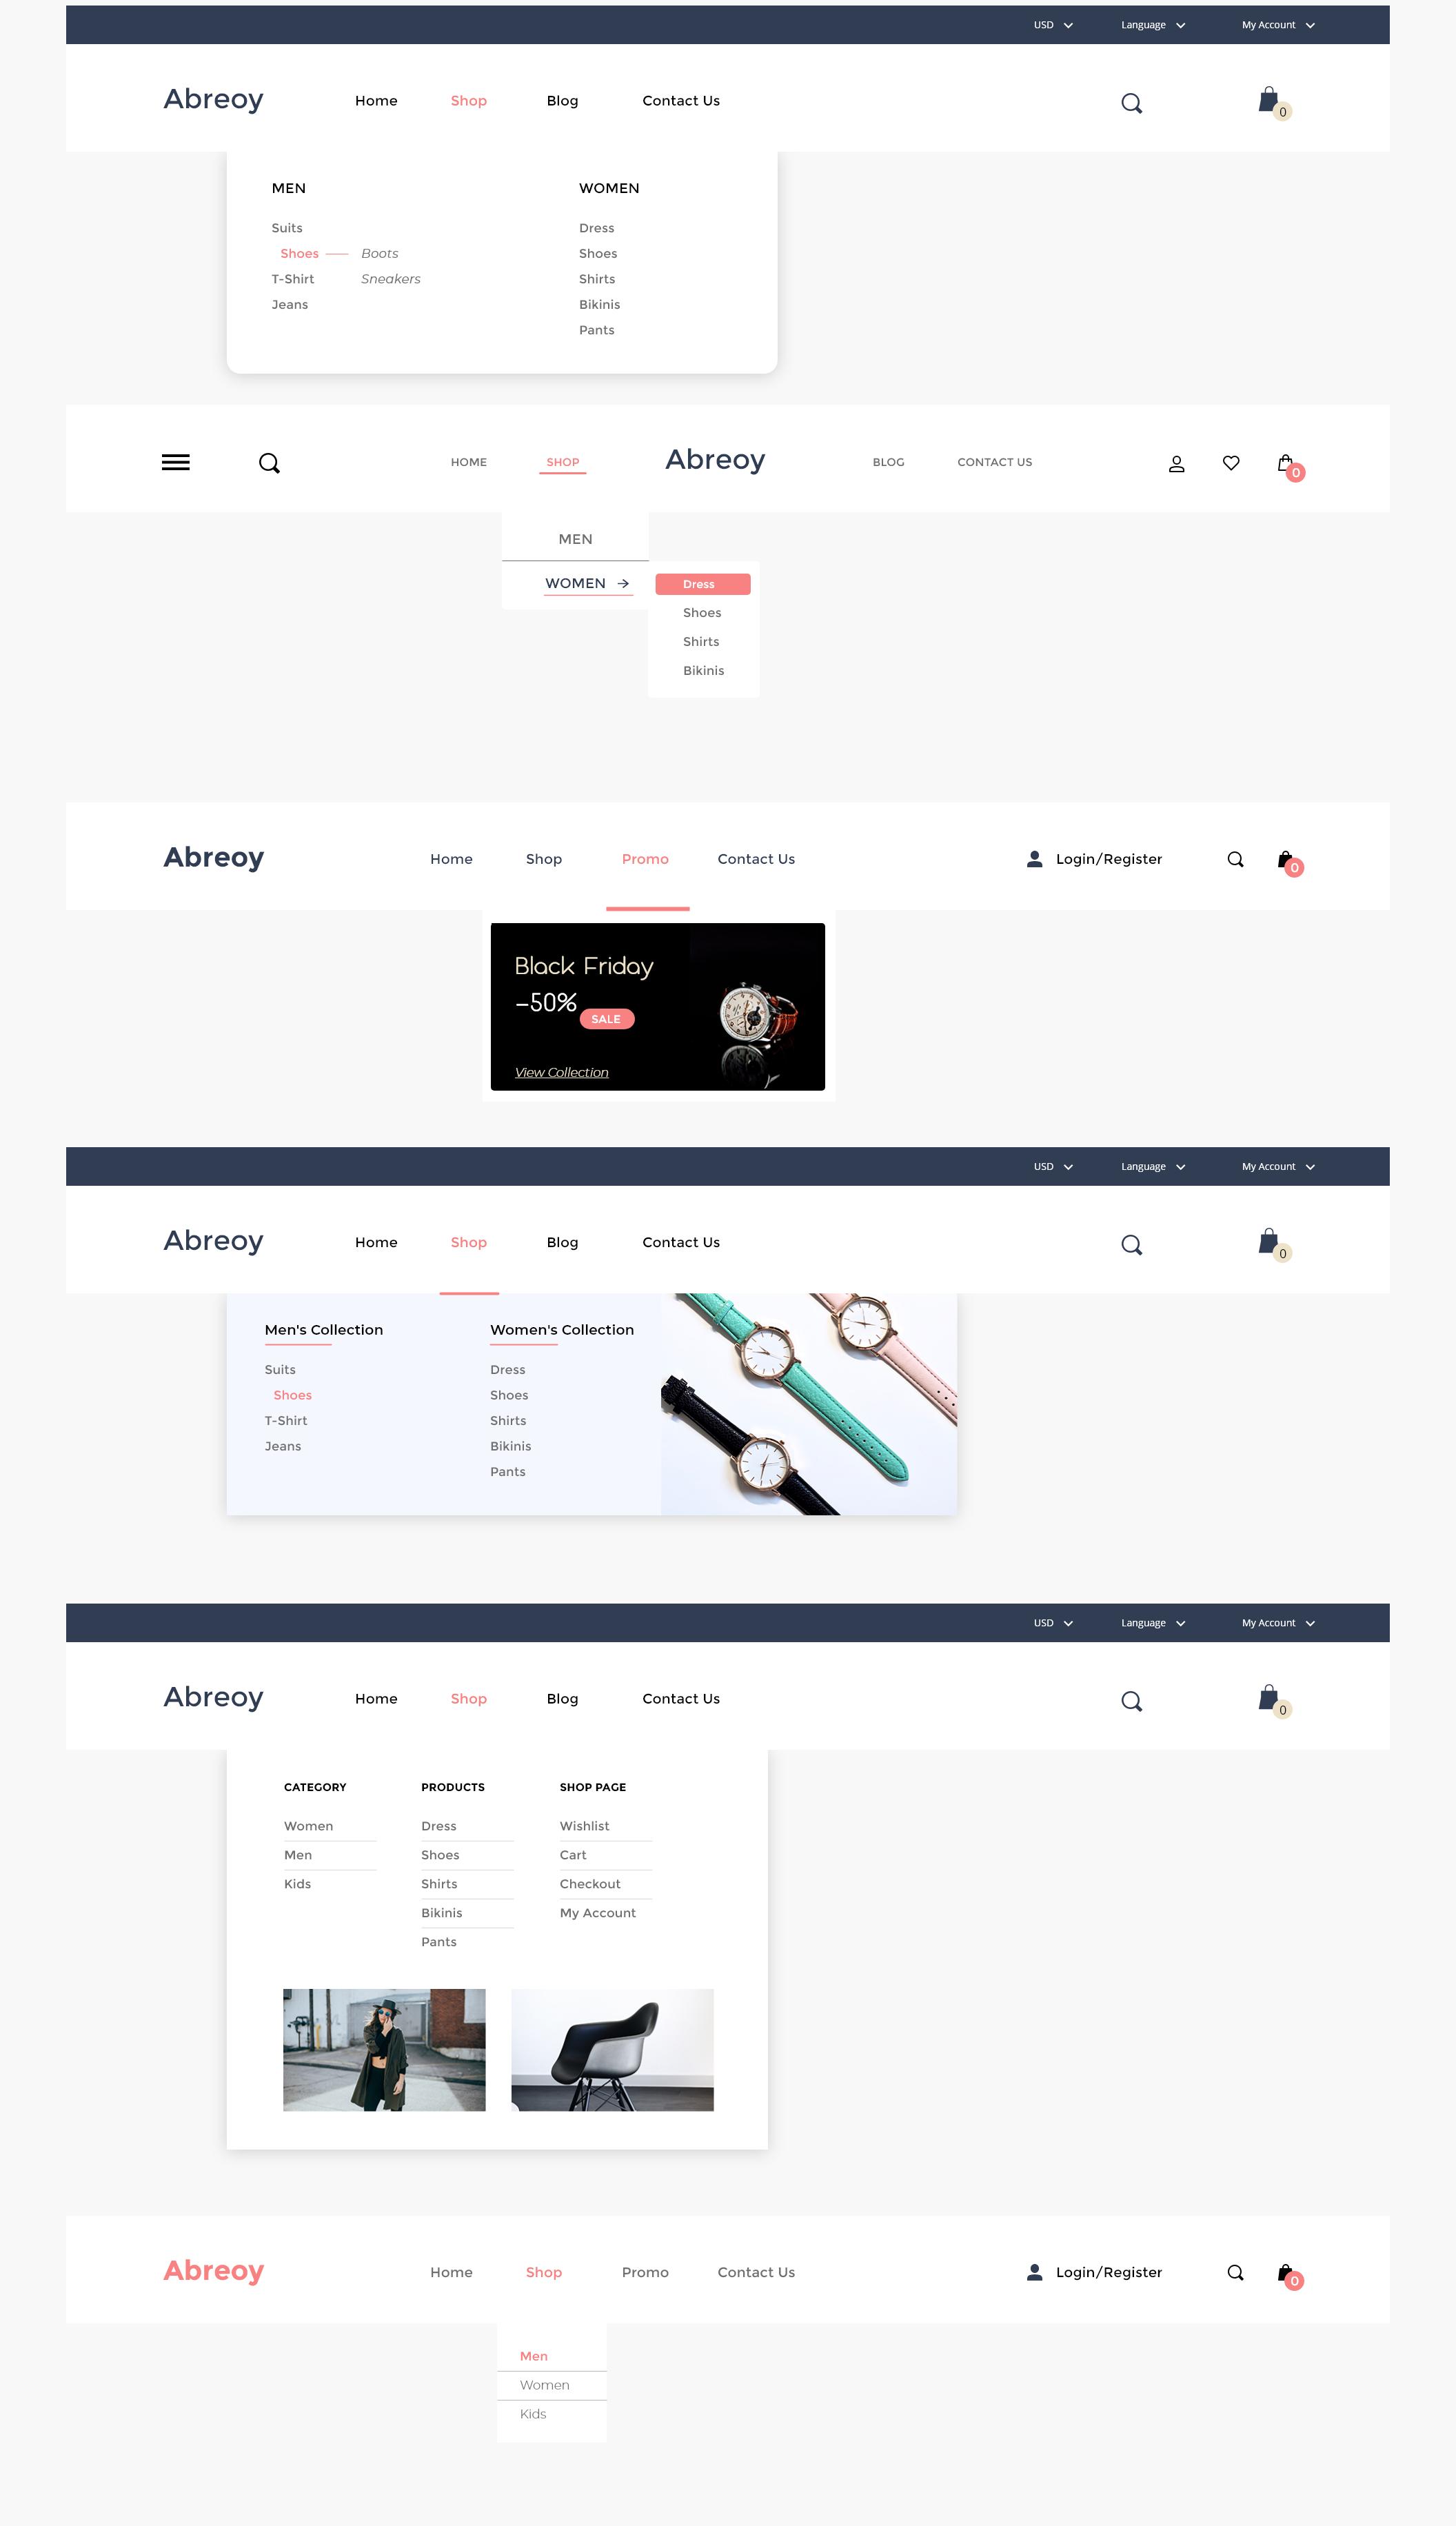 在线购物电子商城APP应用设计UI套件素材 Abreoy E-Commerce UI Kit插图(3)